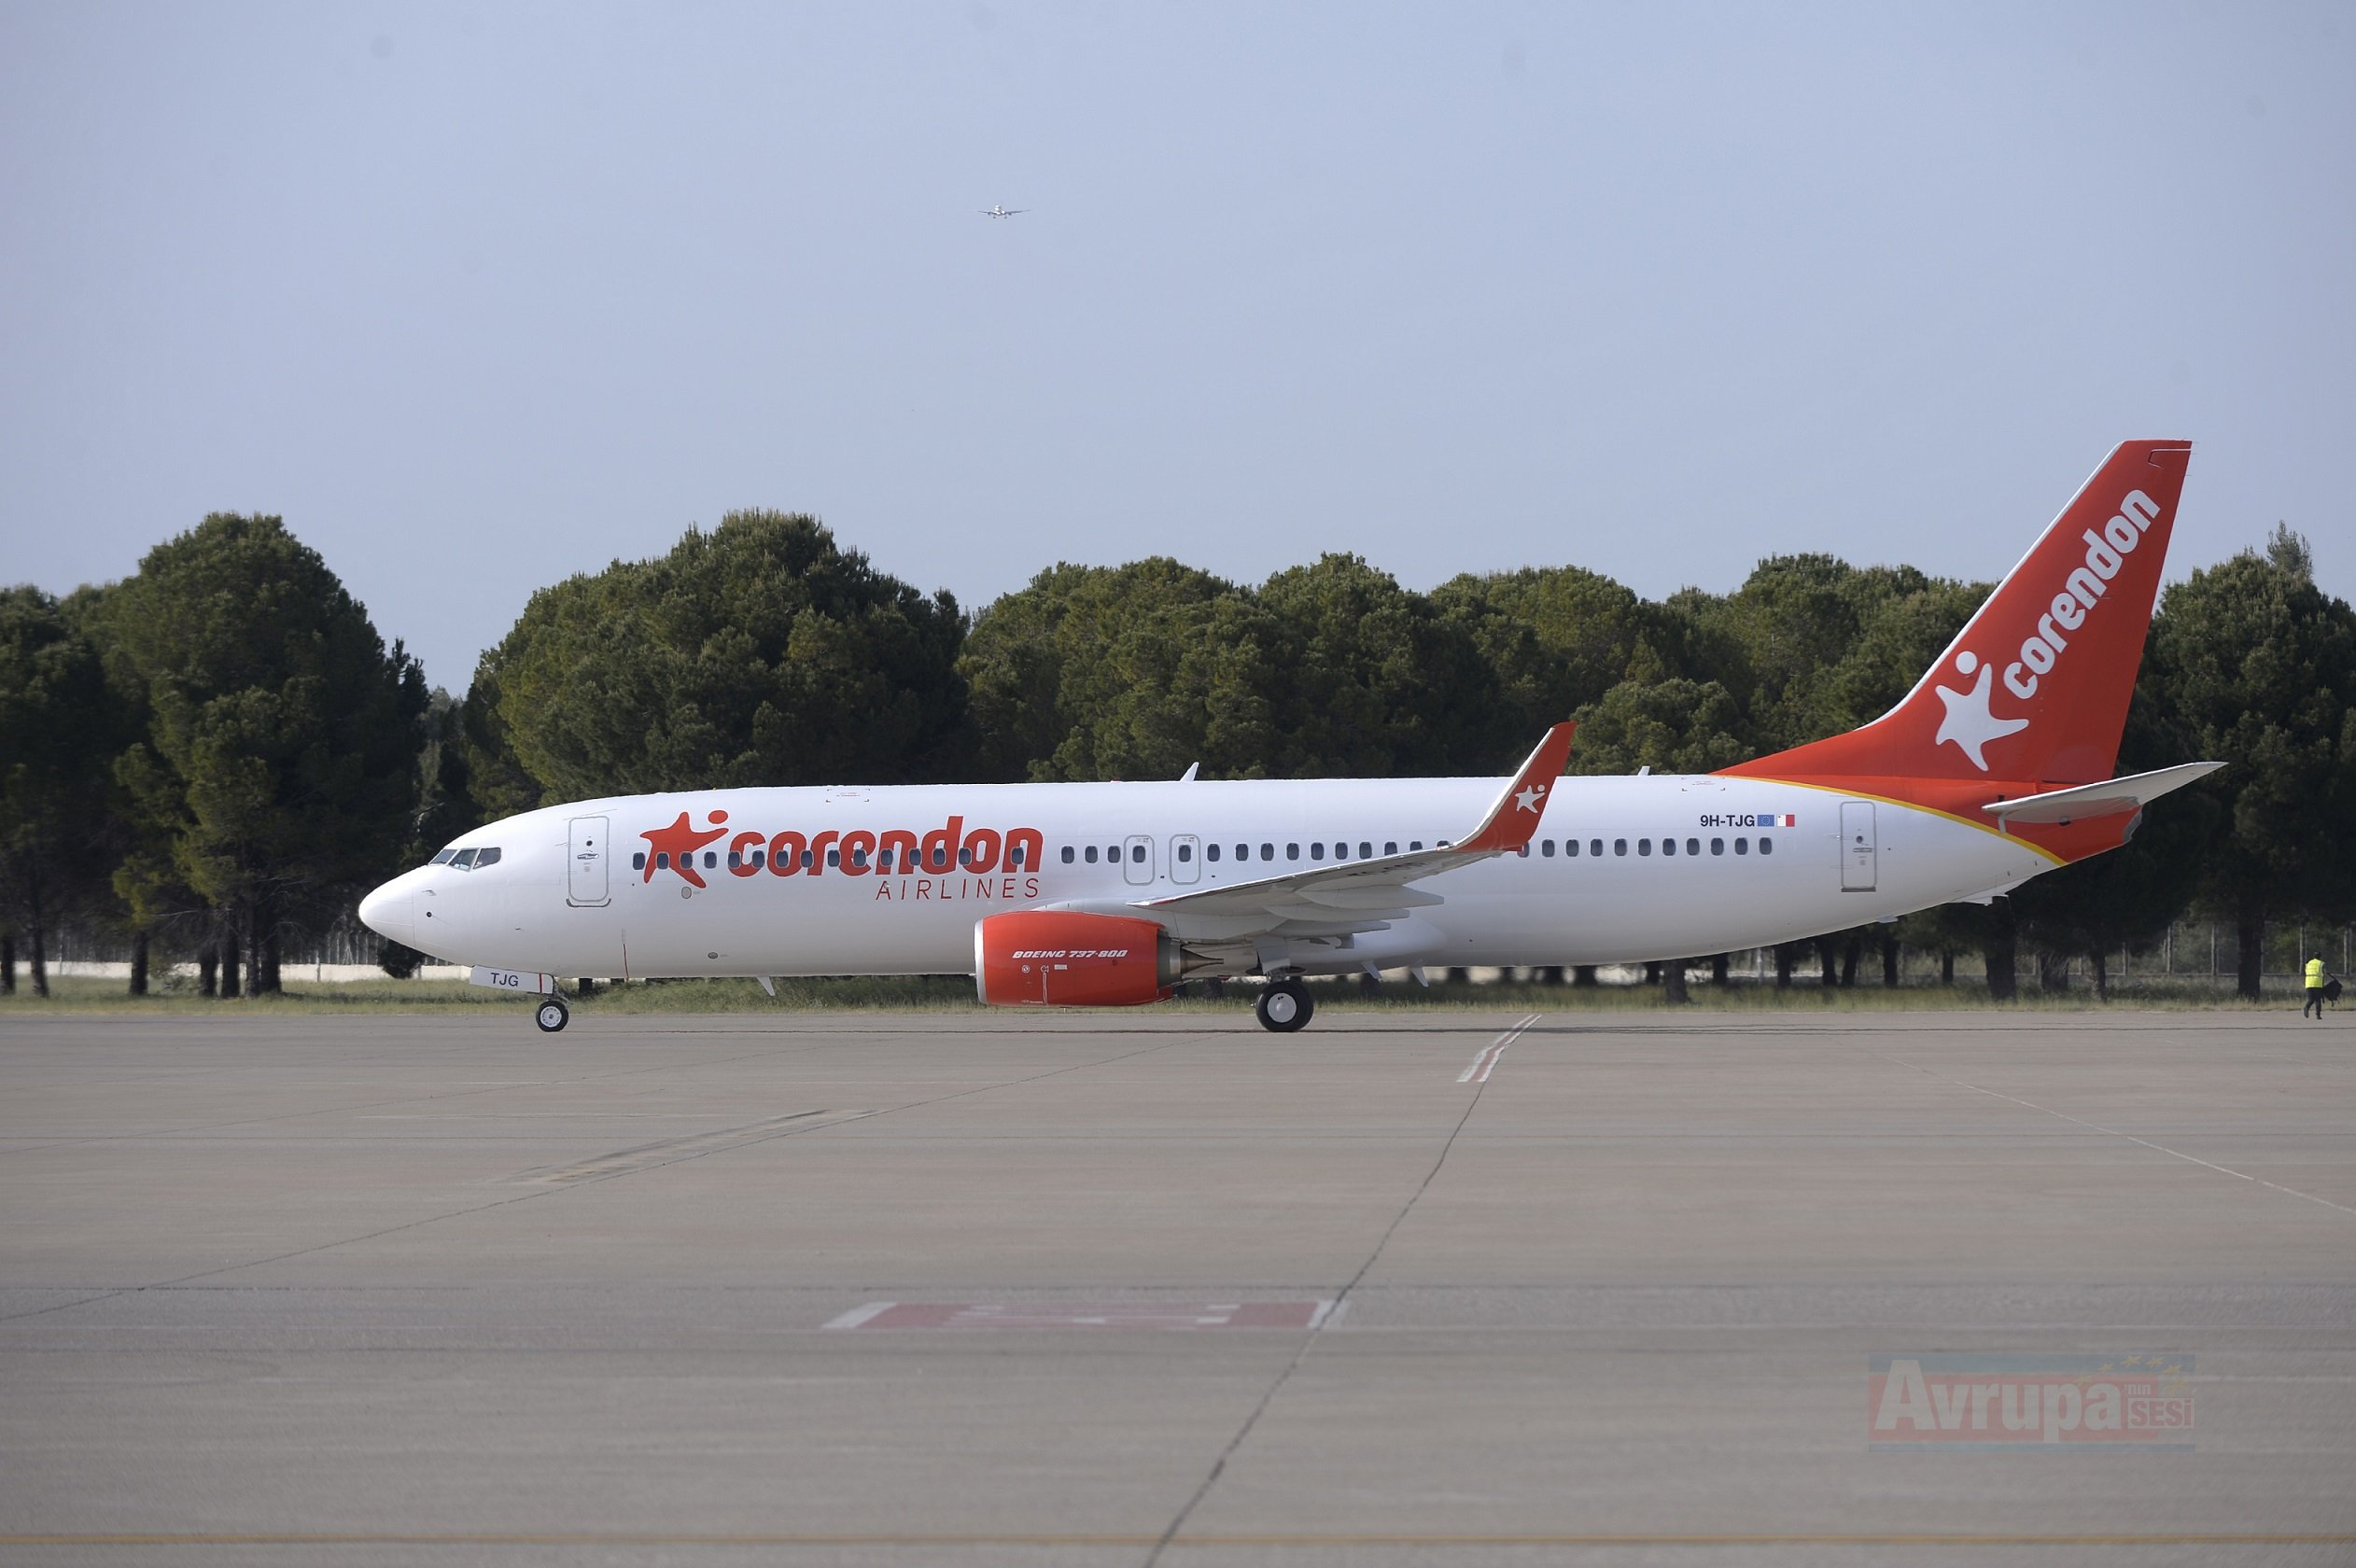 Corendon Airlines'den Germania'nın yarattığı boşluğa ilave kapasite kararı